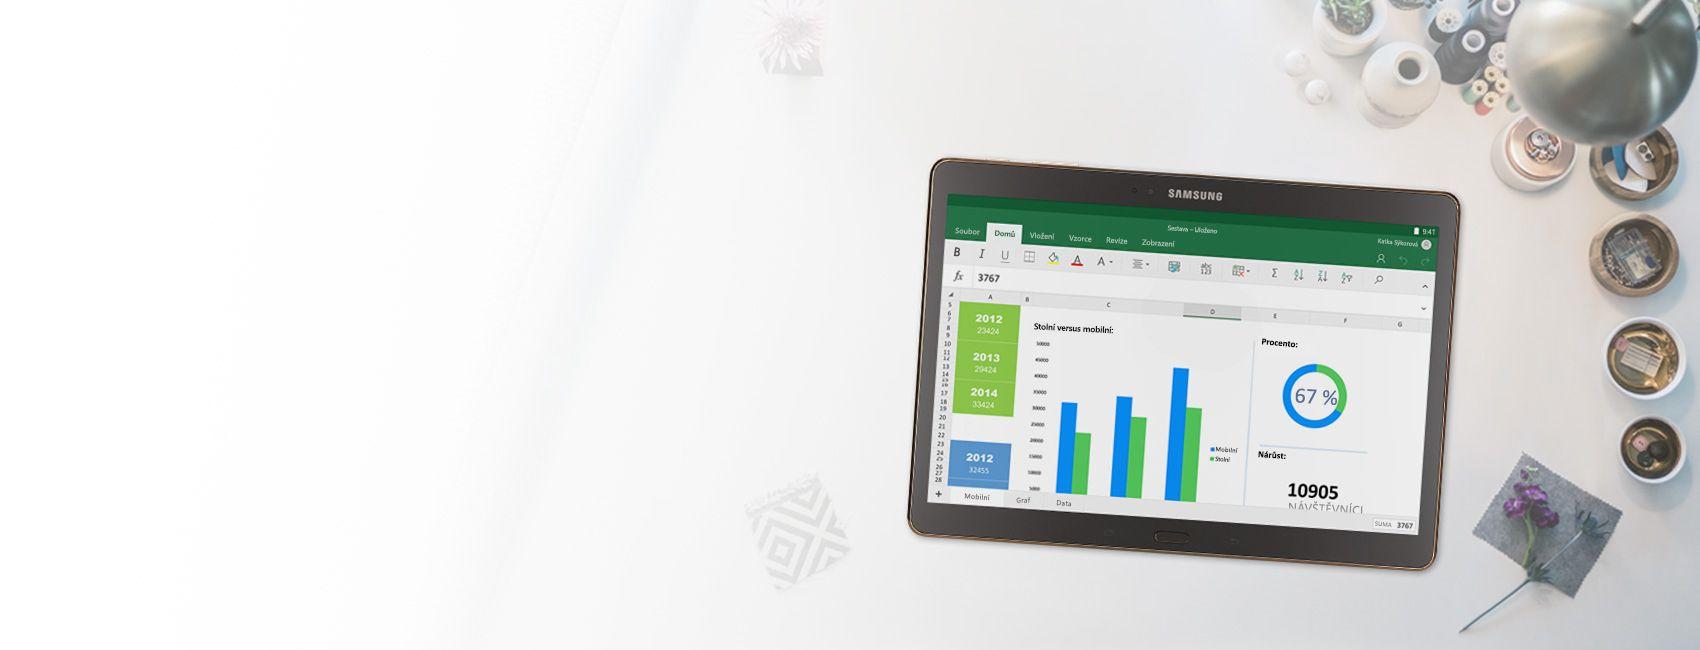 Tablet zobrazující grafy v excelové sestavě